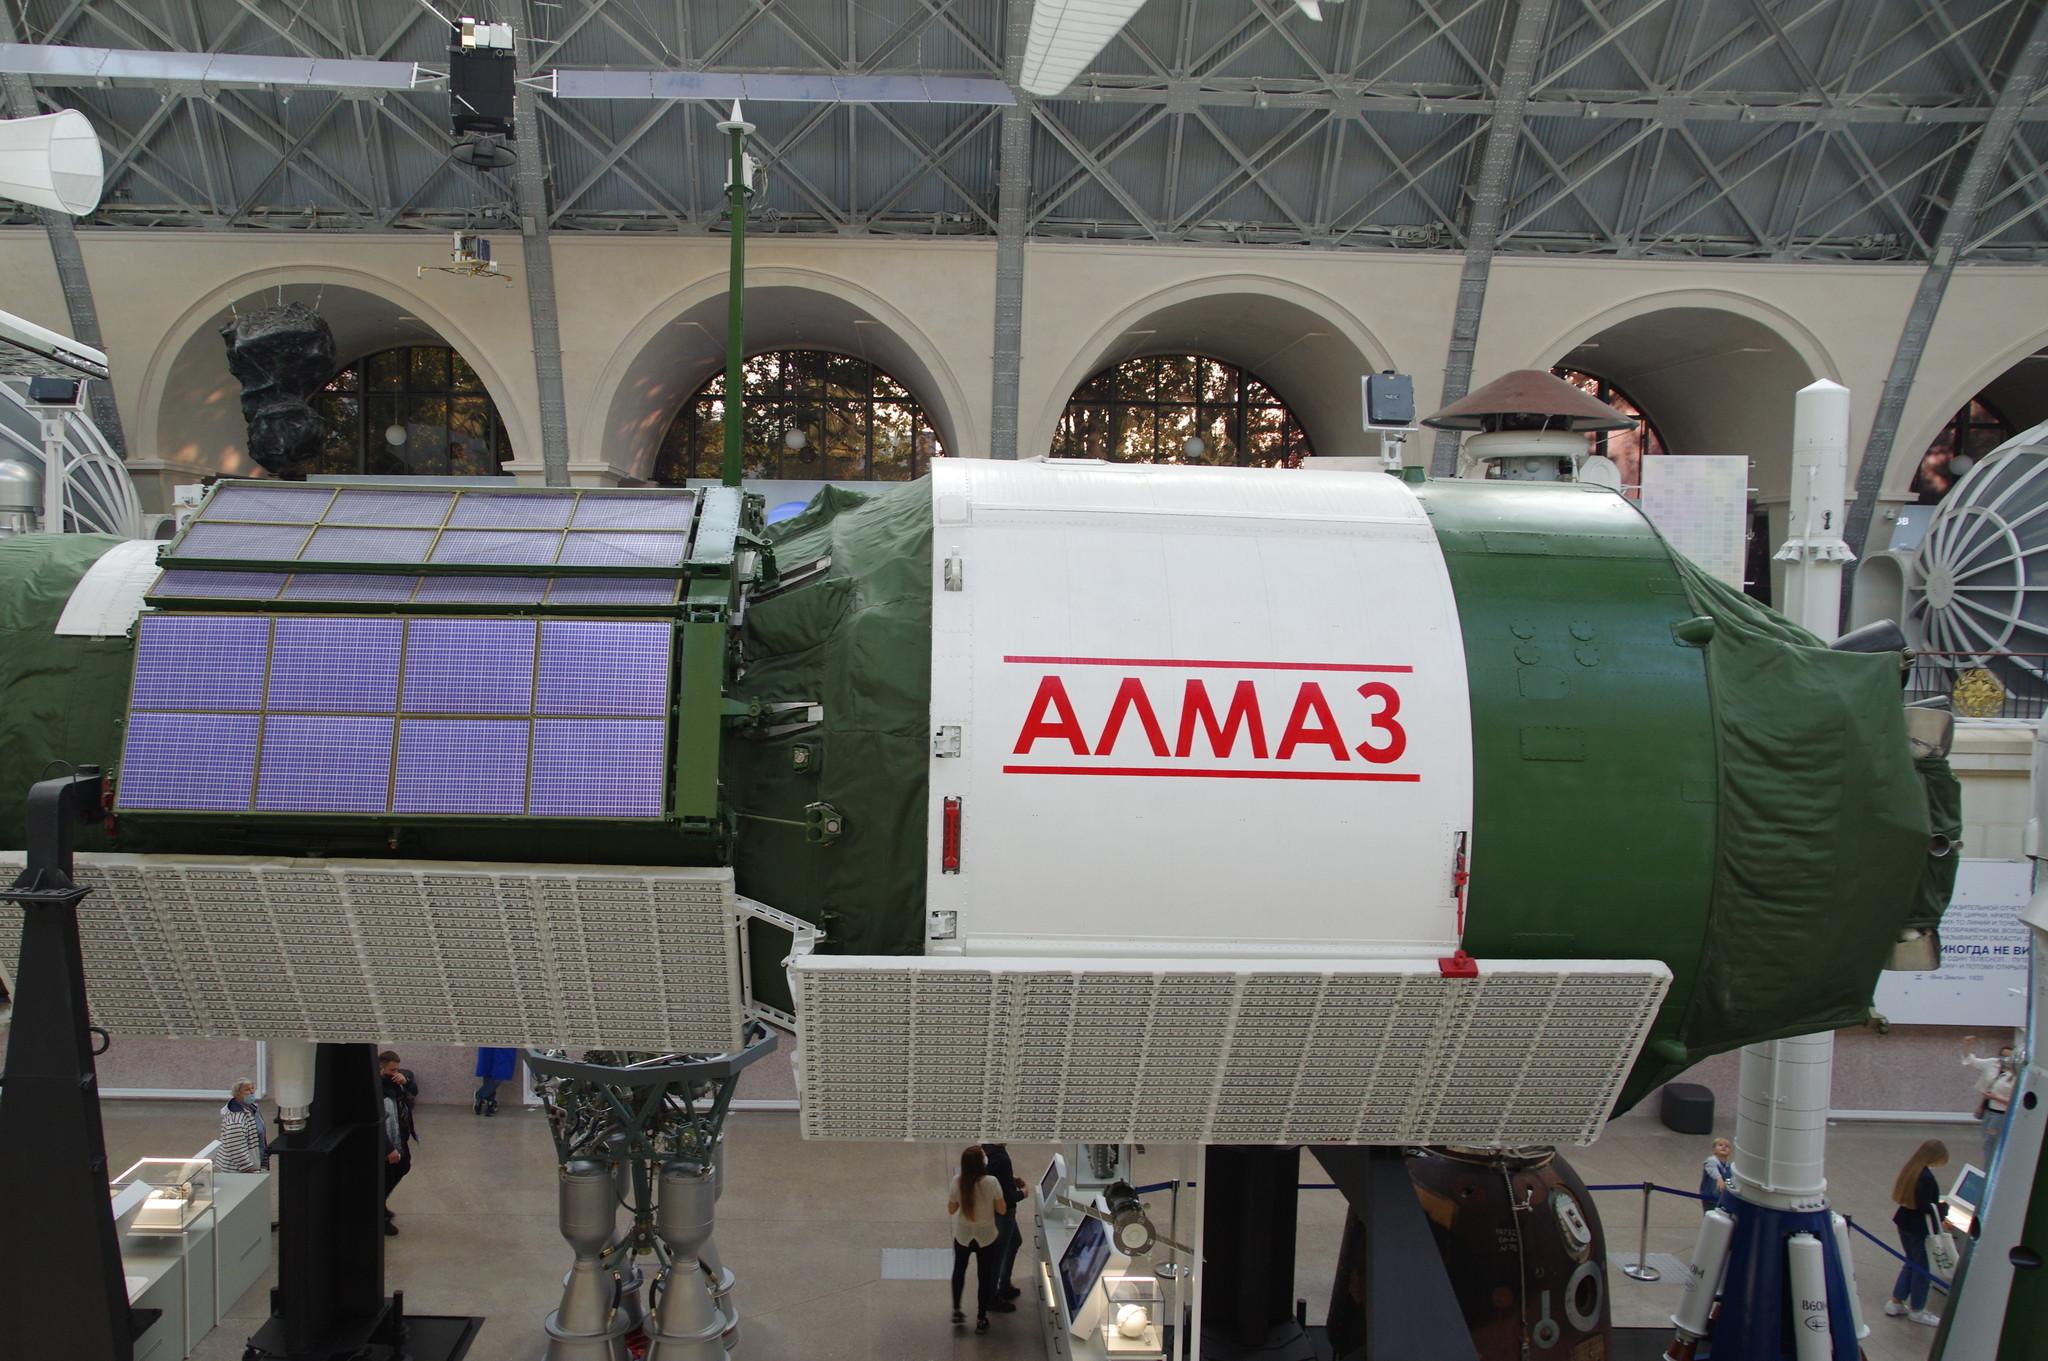 Орбитальная пилотируемая станция «Алмаз». Центр «Космонавтика и авиация» на ВДНХ